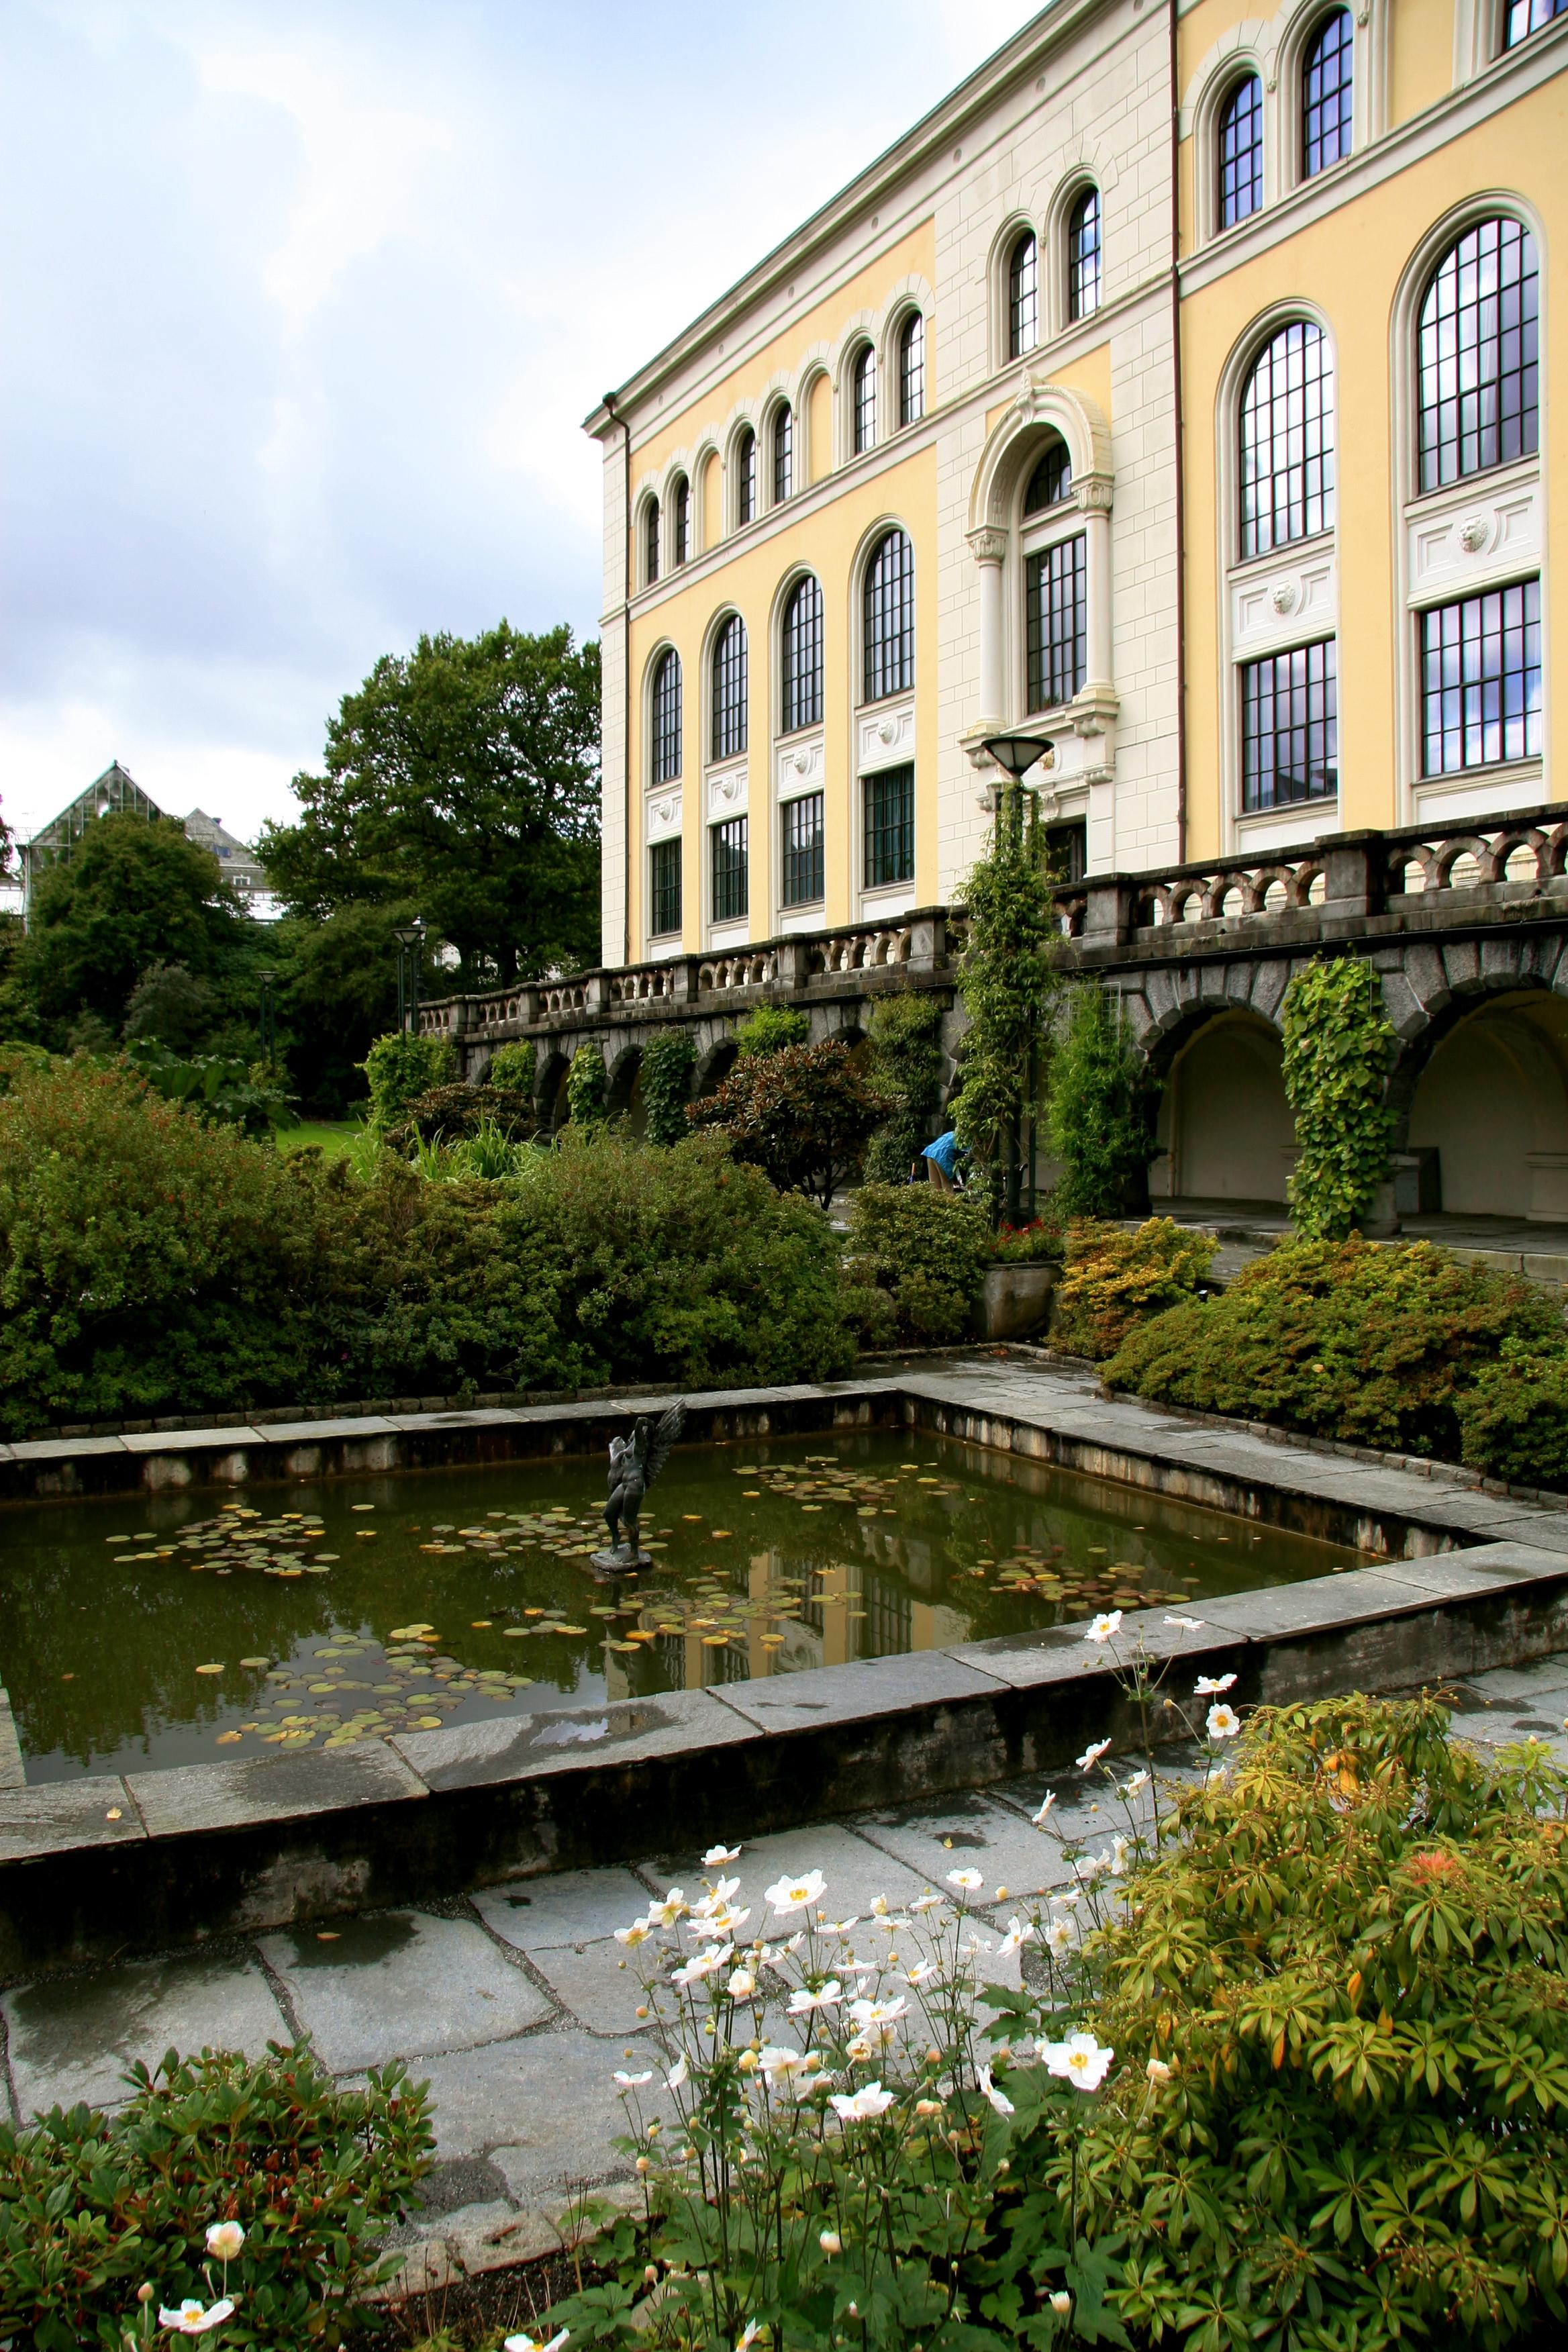 Image: The museum garden at Bergen Museum